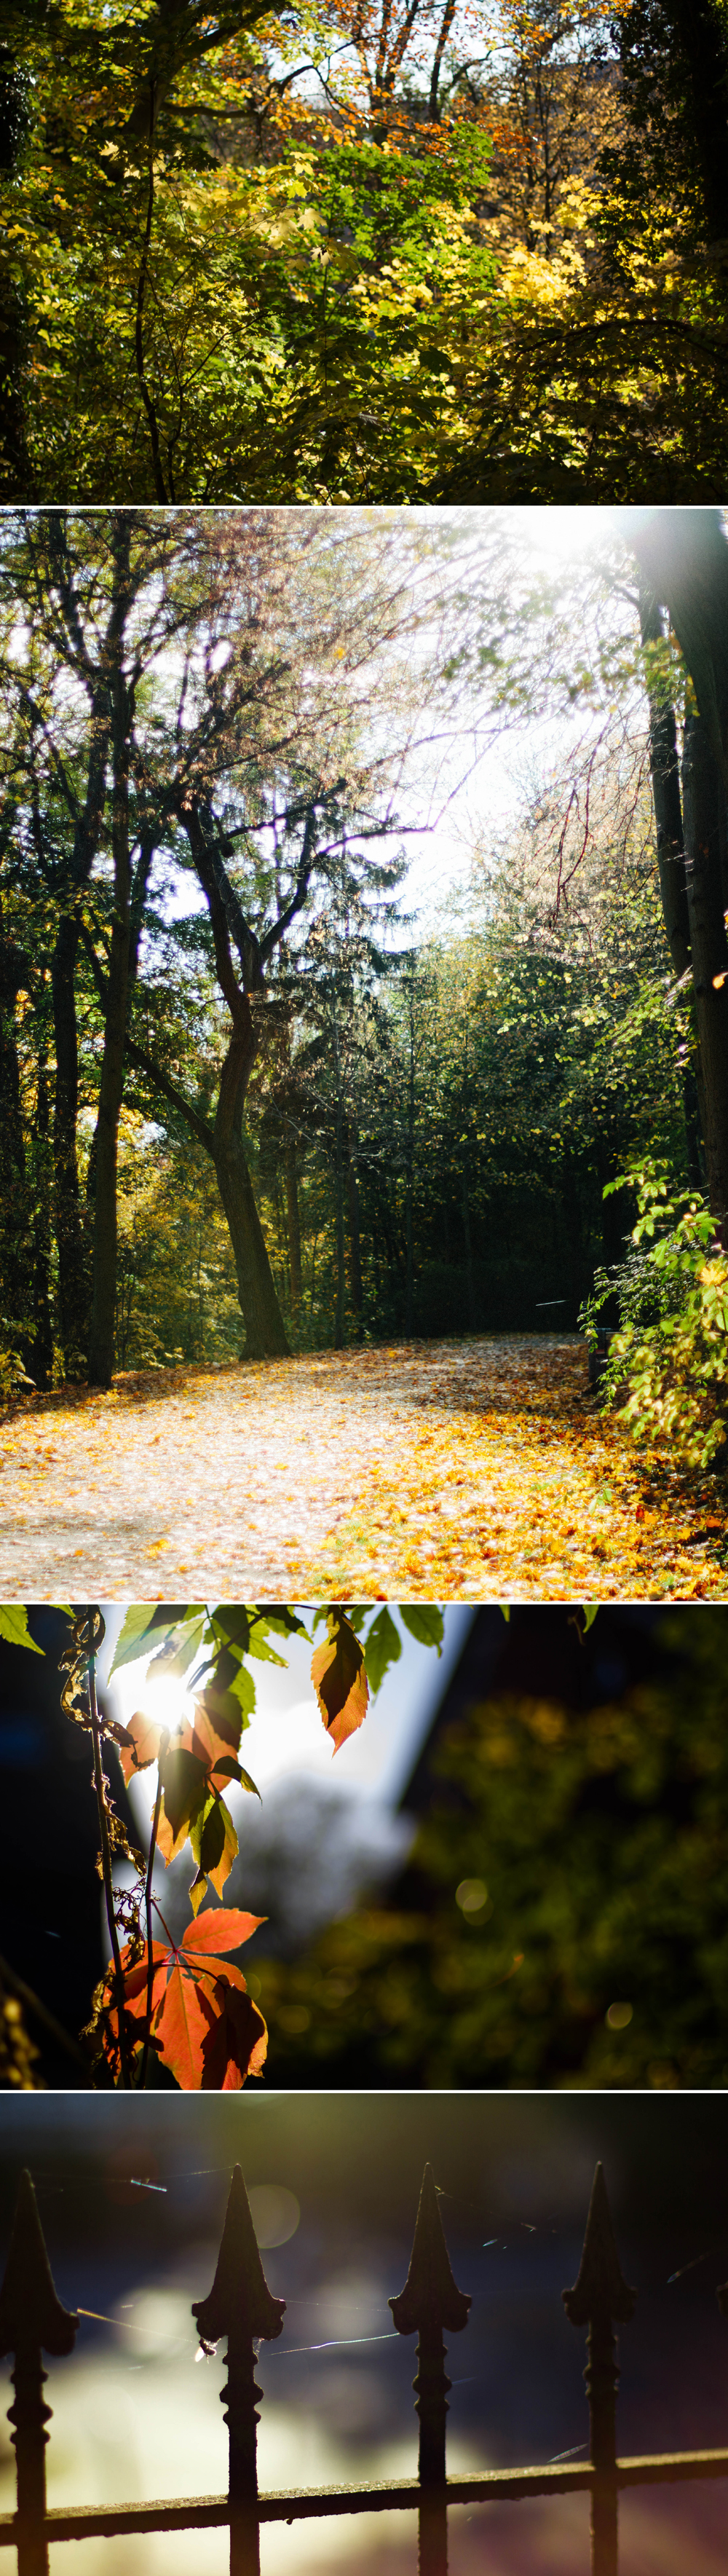 fall_2012